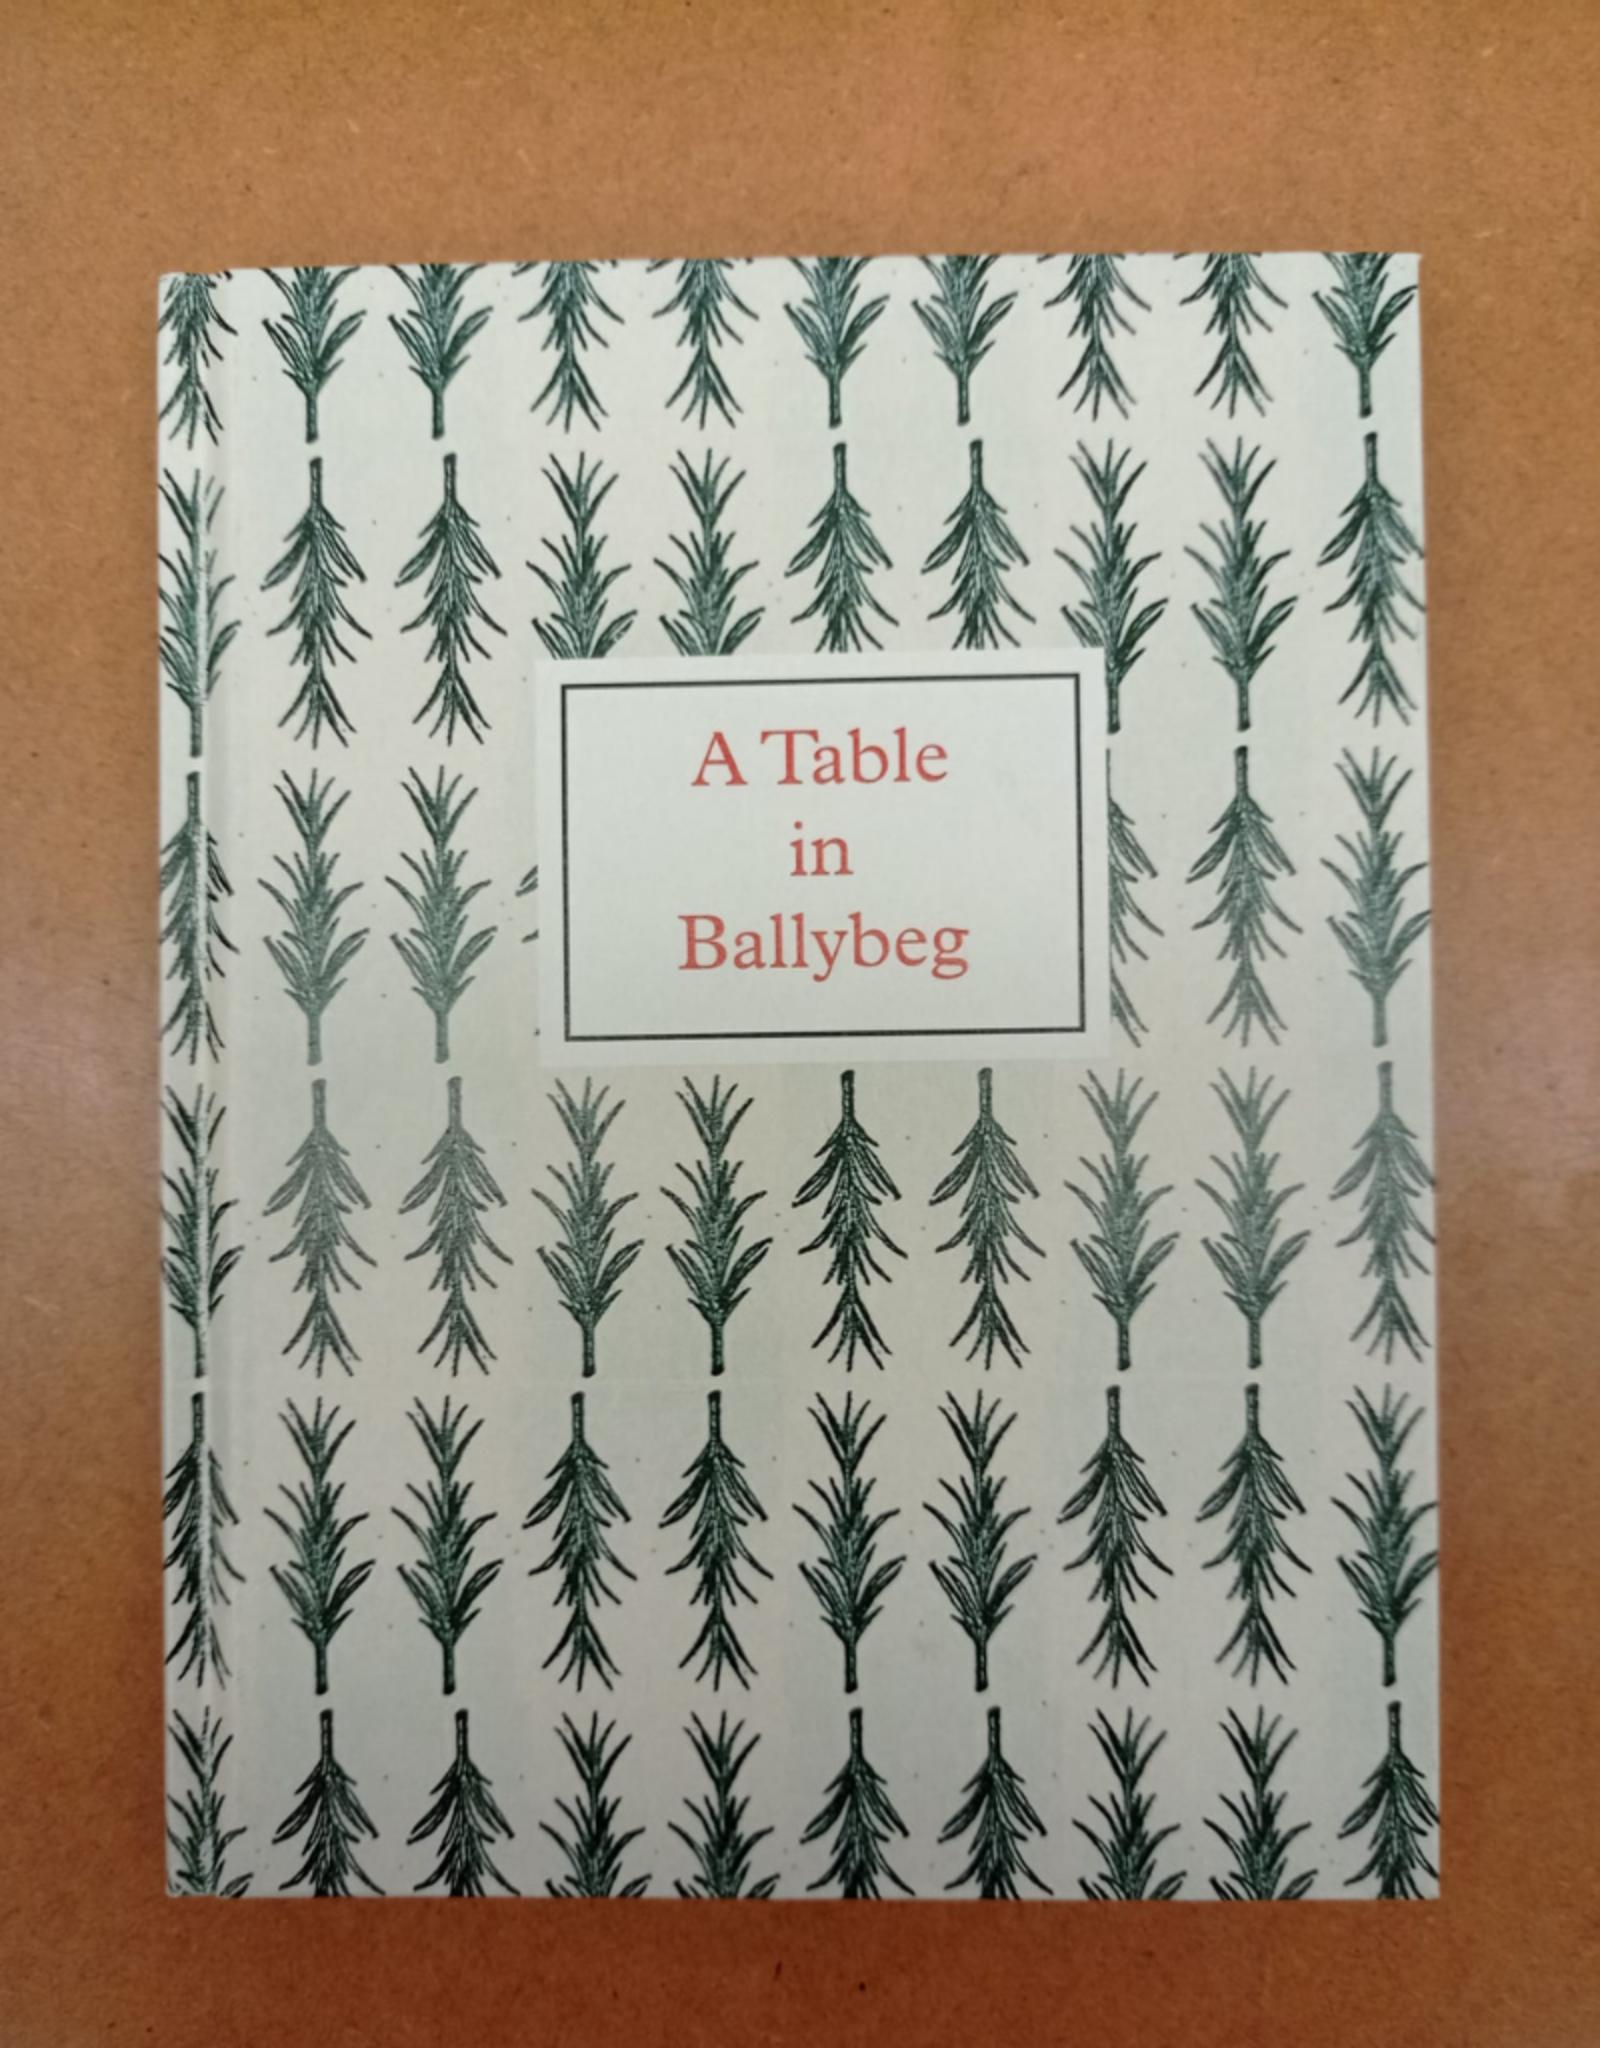 Coracle A Table in Ballybeg Simon Cutts & Erica Van Horn